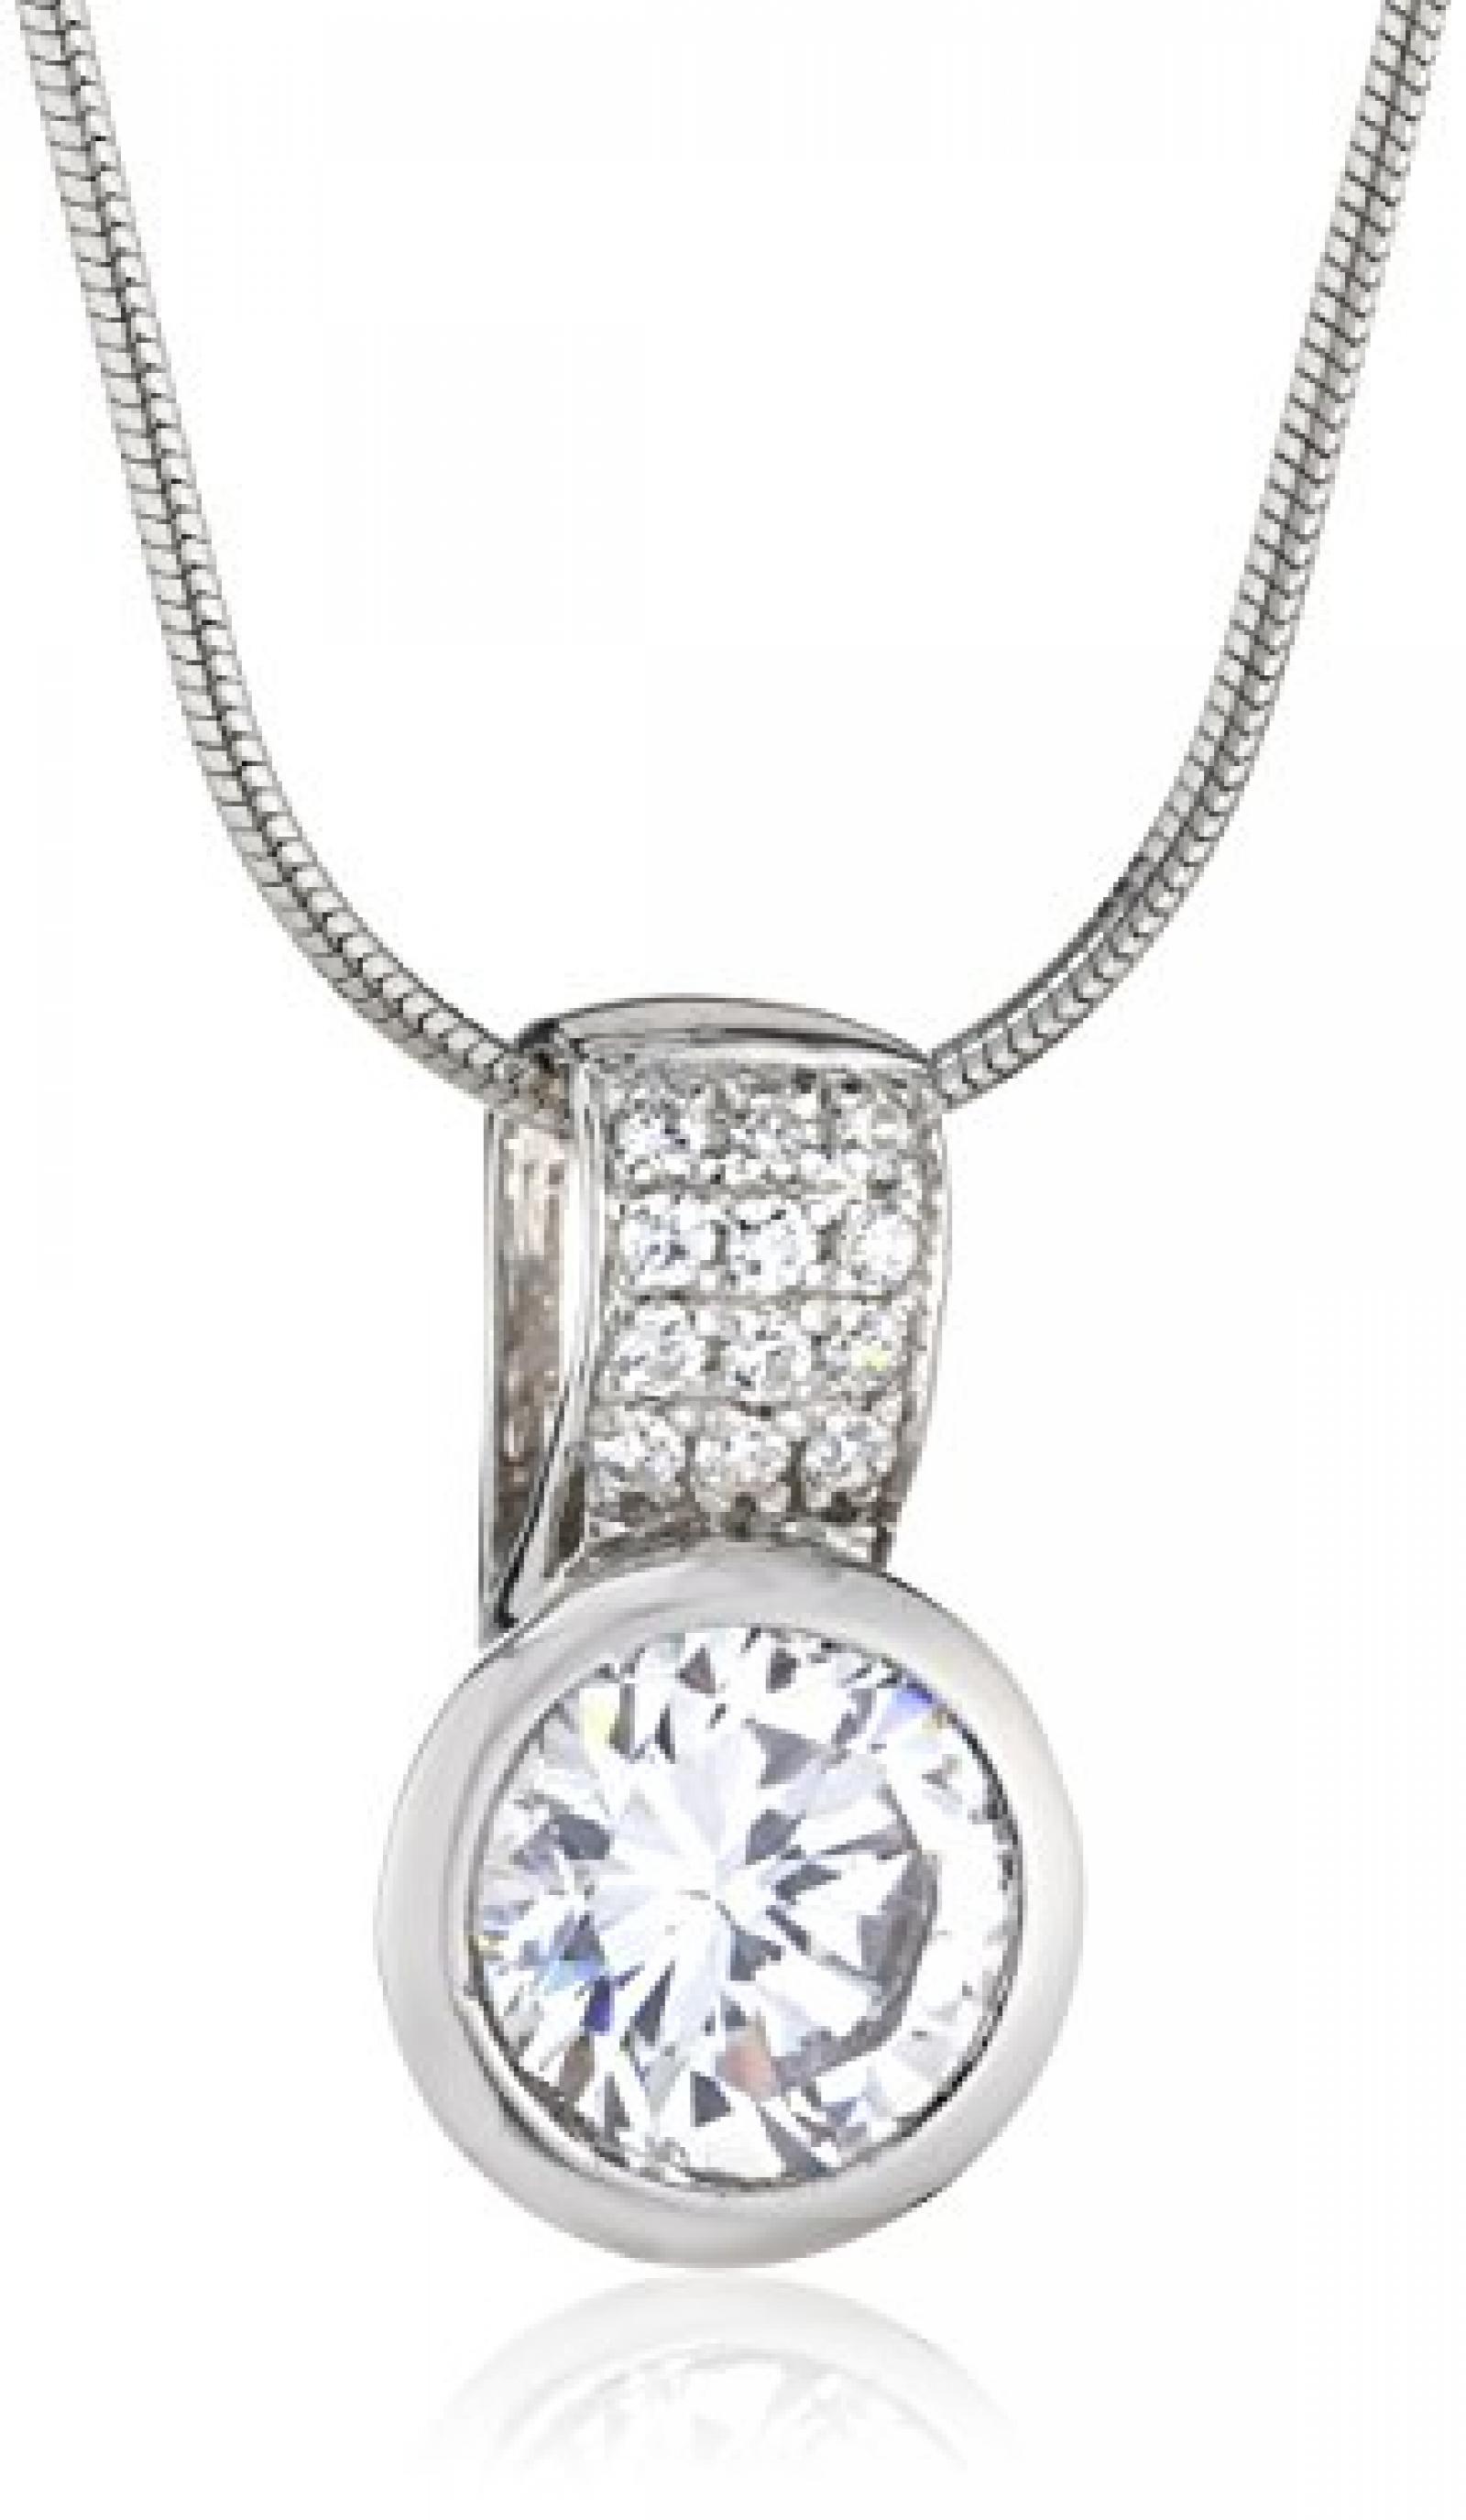 Celesta - Damenanhnger mit Kette aus 925er Sterling Silber 42-47cm lang 500243691L